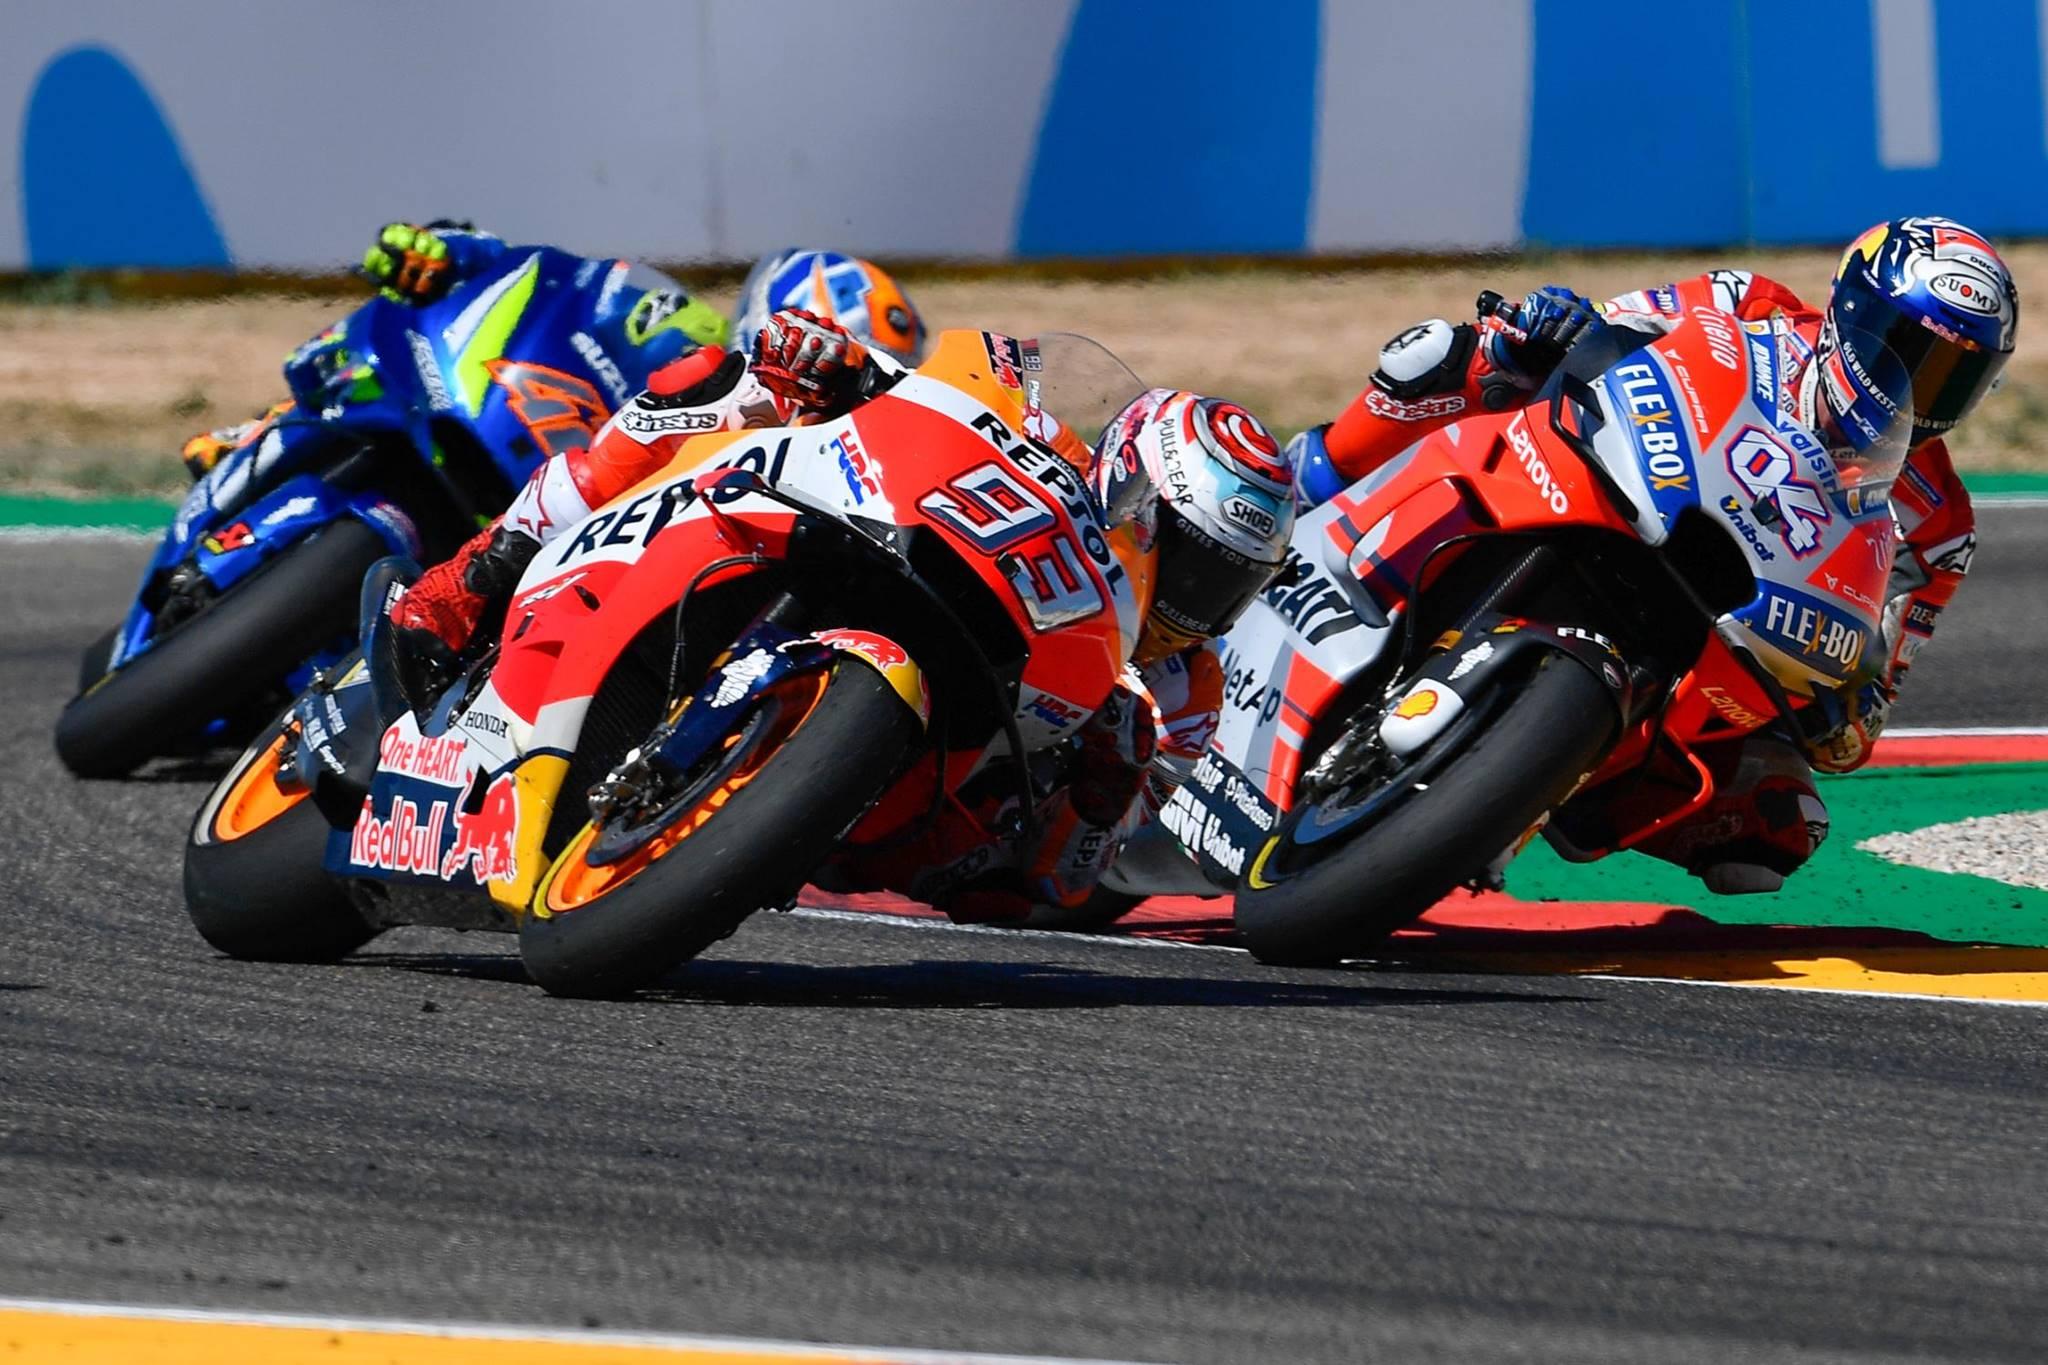 AragonGP_MotoGP_2018_Xe_Tinhte_017.jpg